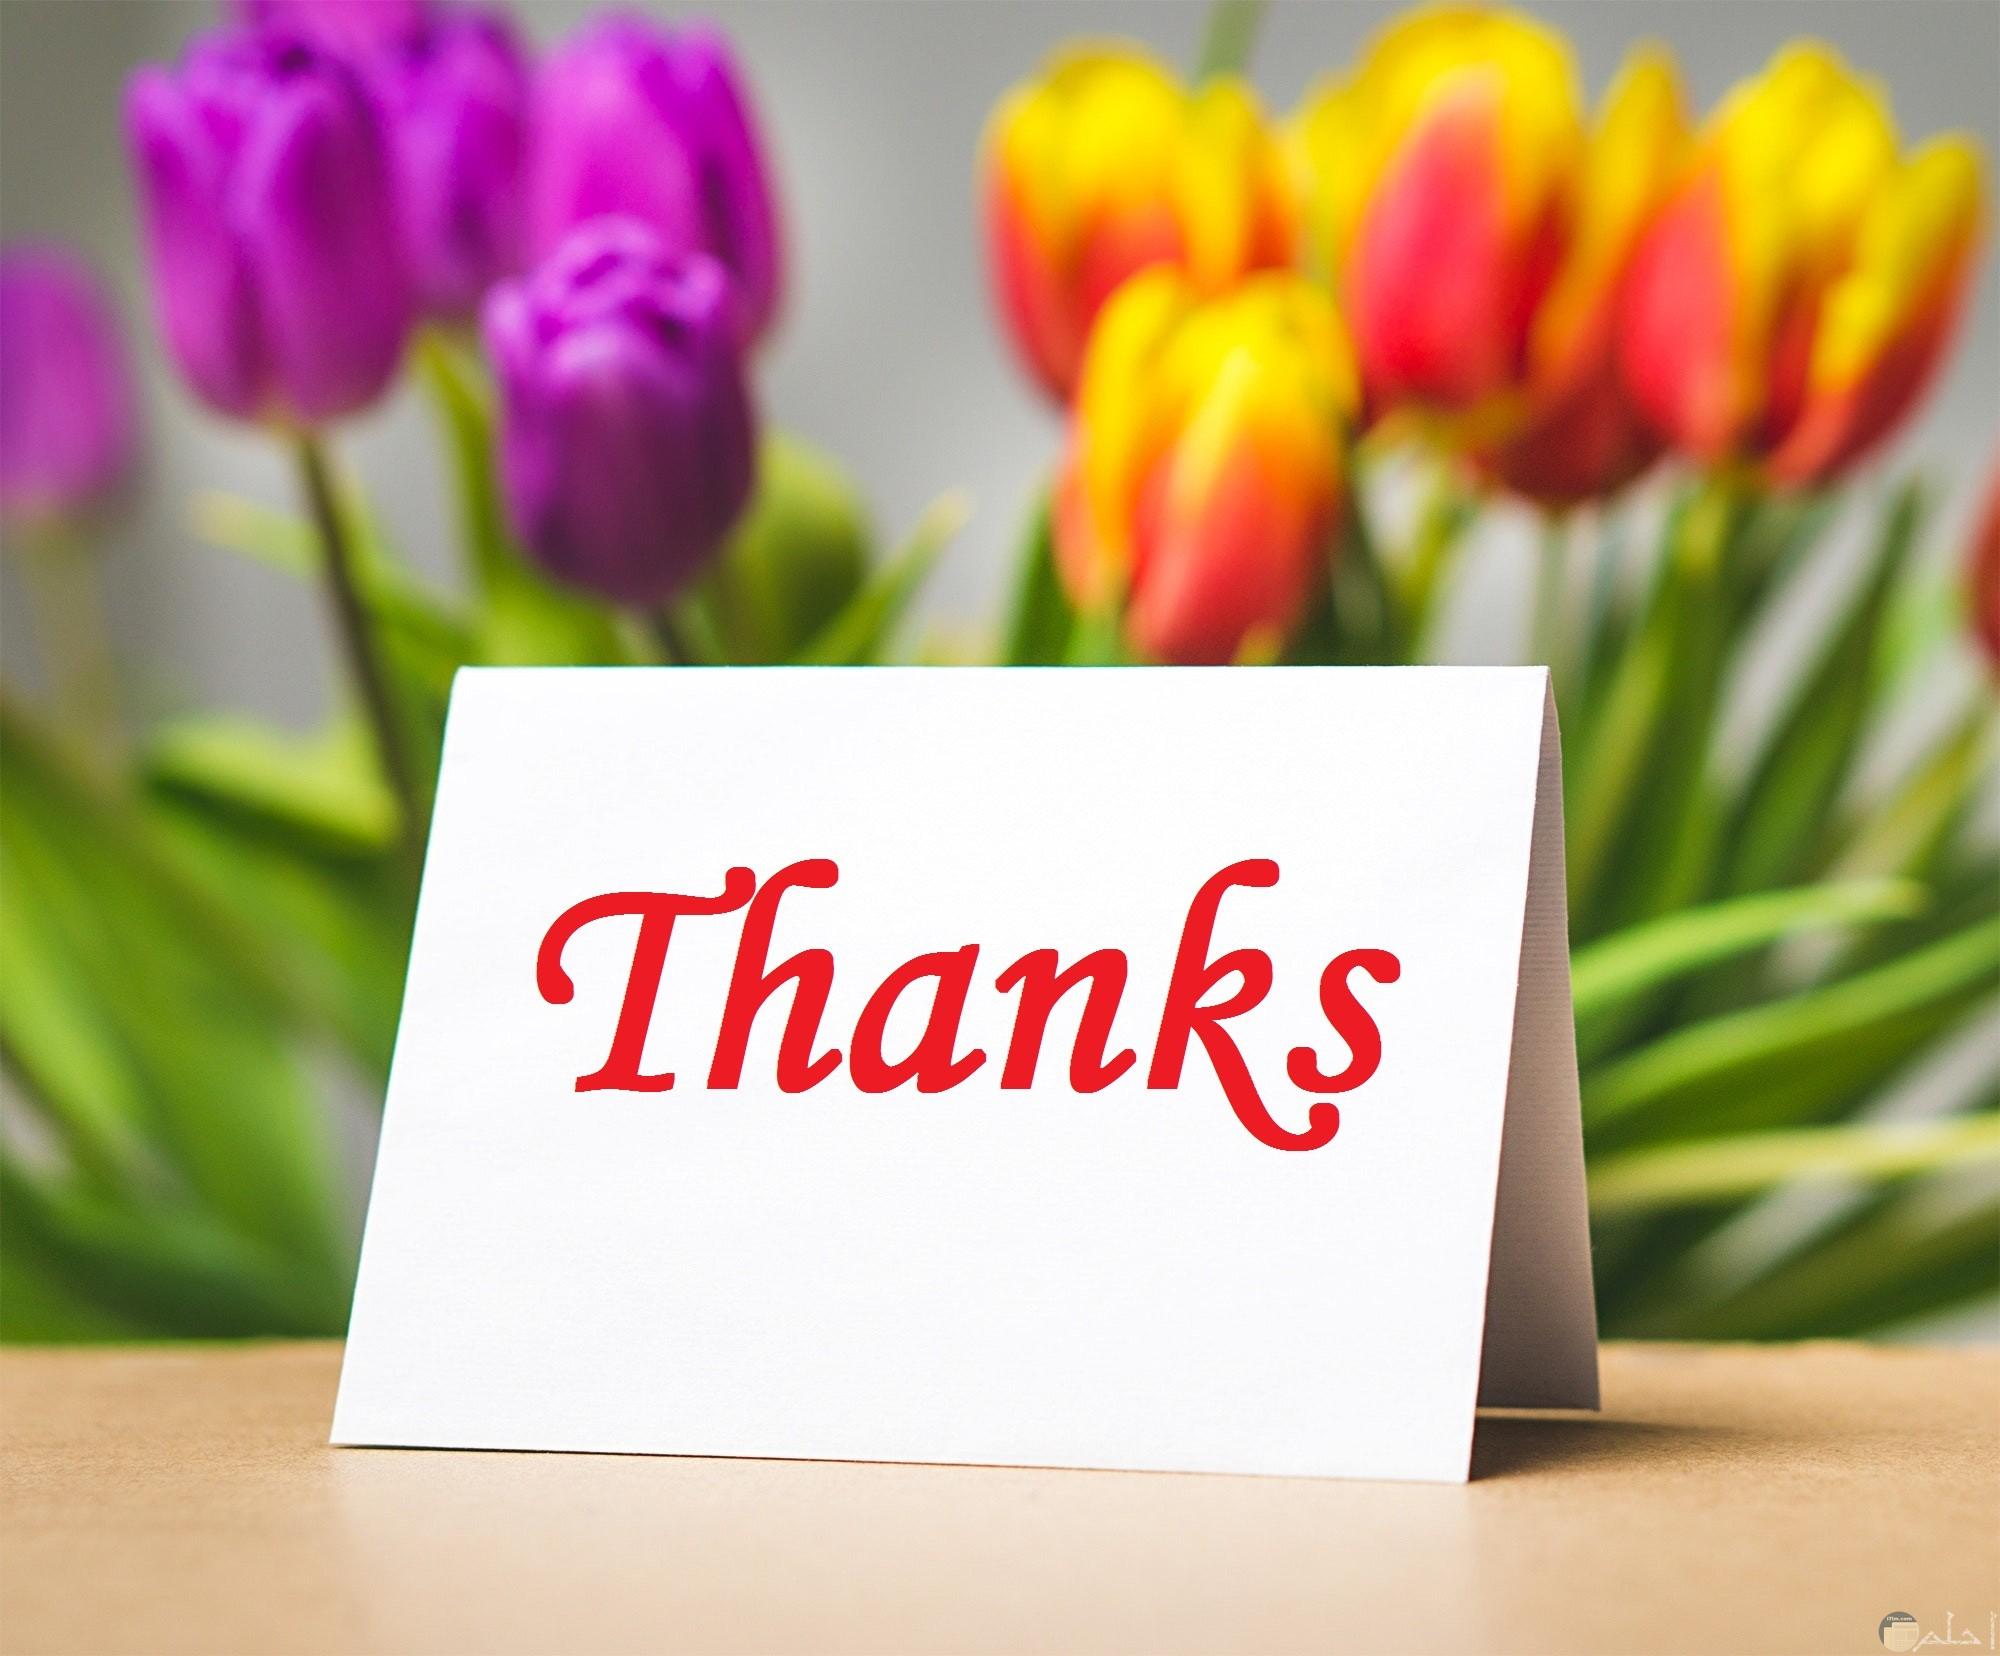 صورة جميلة لشكرا بالإنجليزي باللون الأحمر مكتوبة علي بطاقة وخلفها ورود حلوة